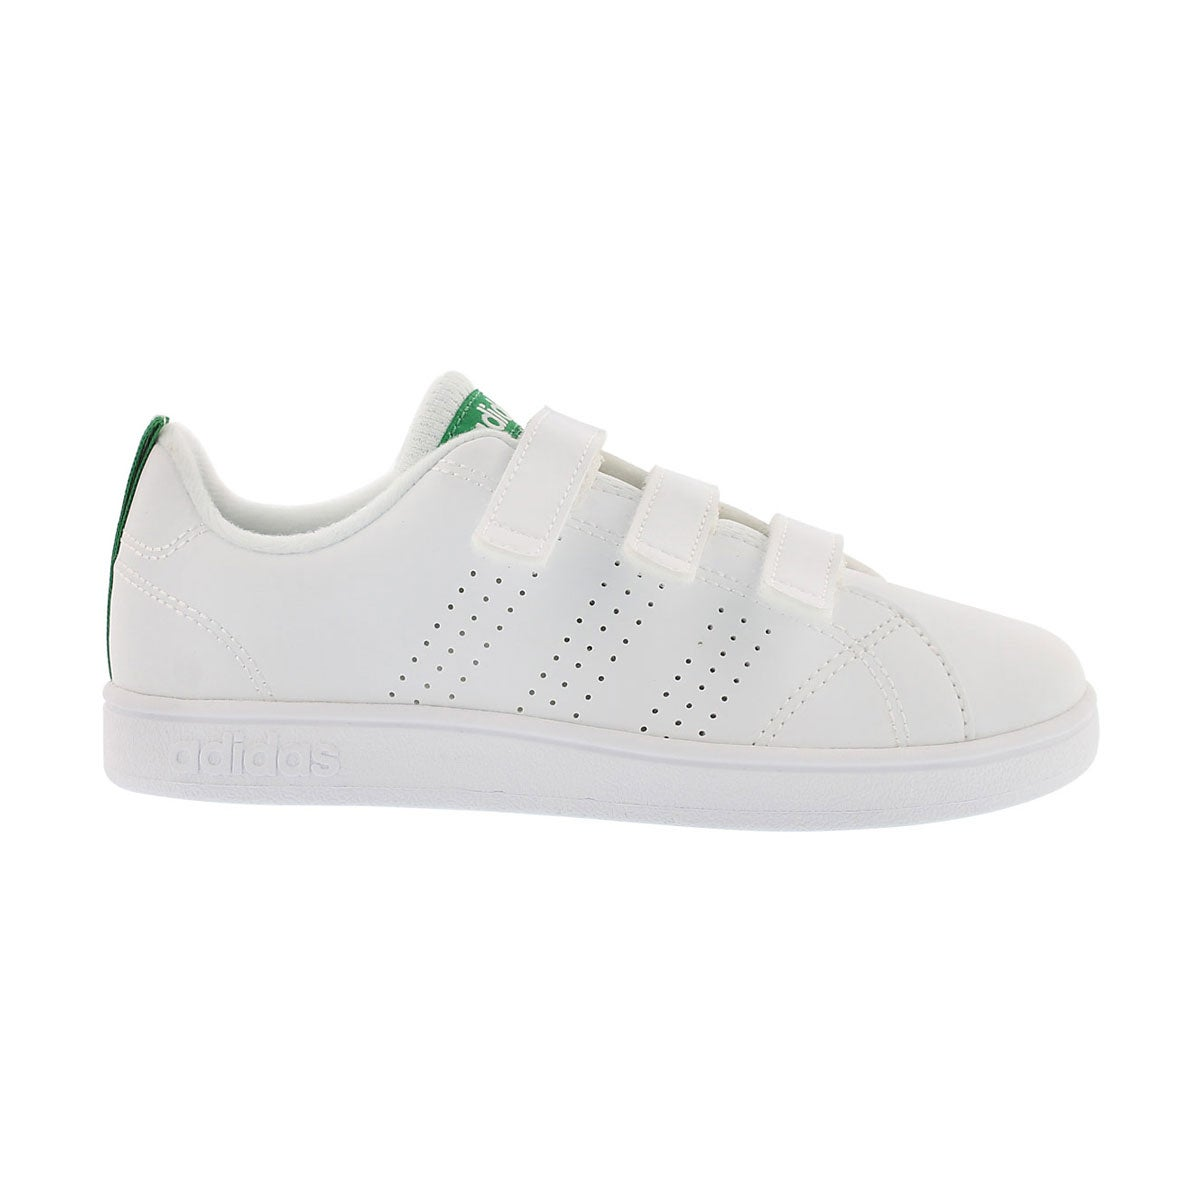 Chlds Advantage Clean CMF wt/grn sneaker